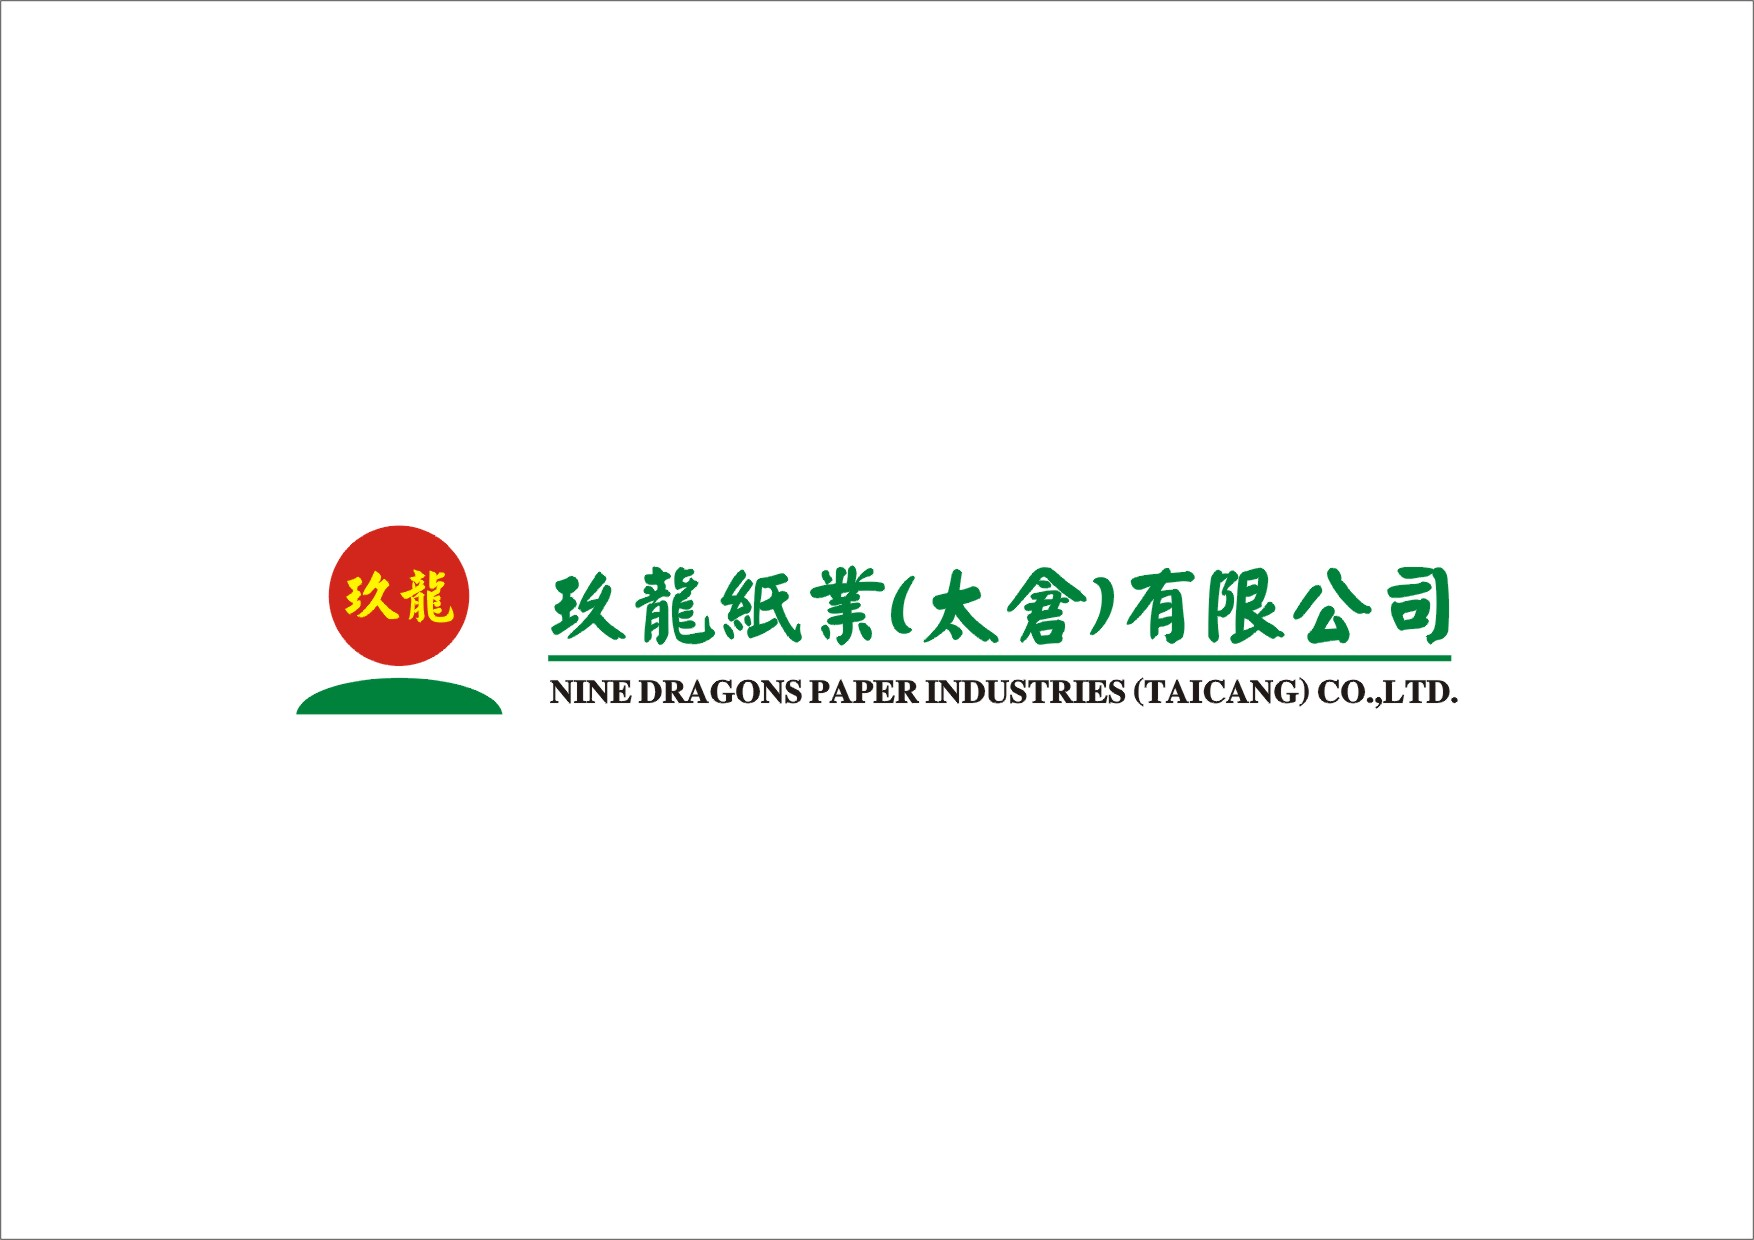 玖龙纸业(太仓)有限公司最新招聘信息